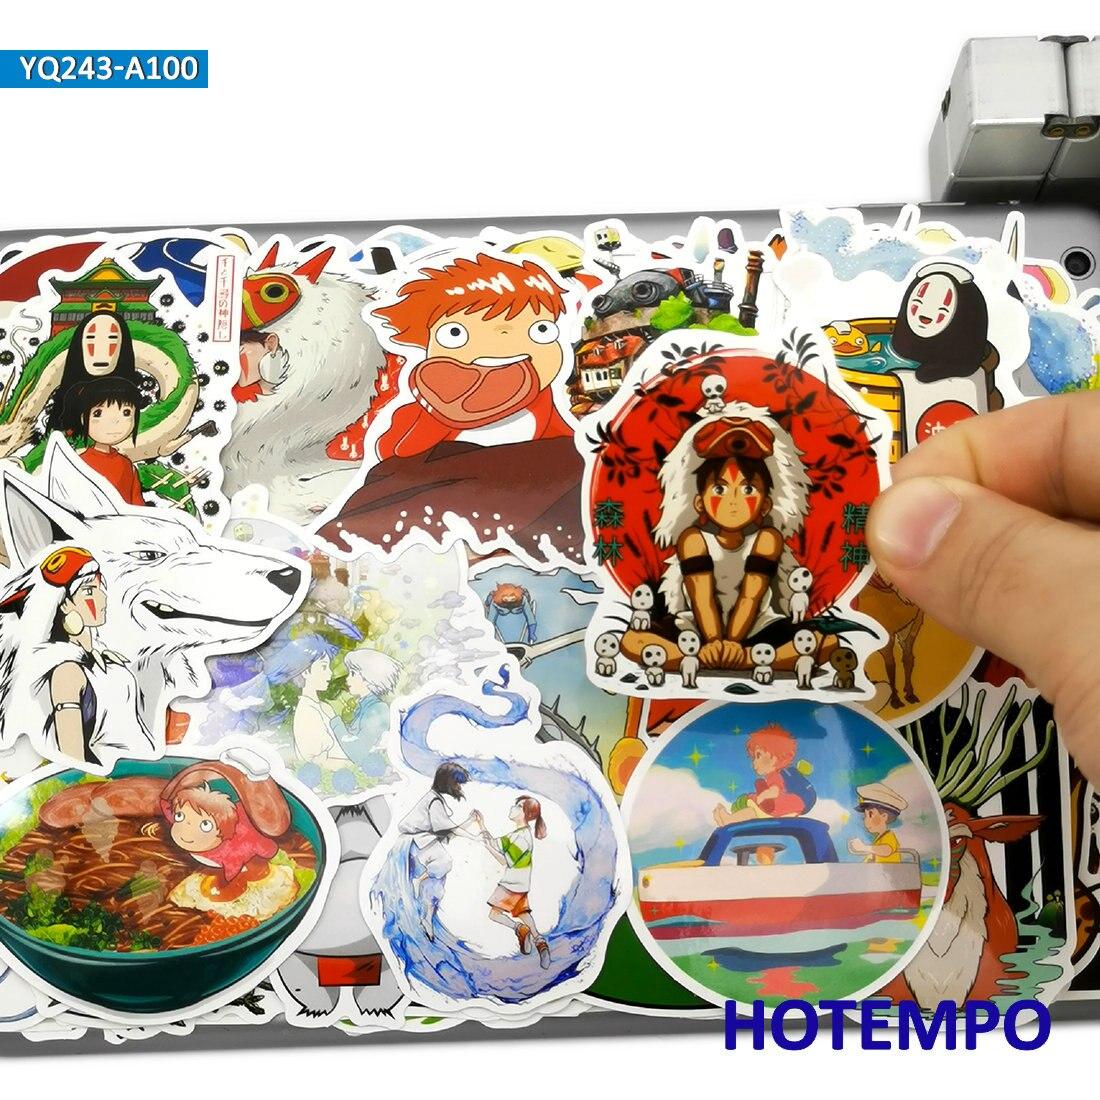 100 Uds Manga Miyazaki Hayao Anime clásico película pegatinas juguetes para niños teléfono móvil Laptop equipaje Skateboard arte pegatinas